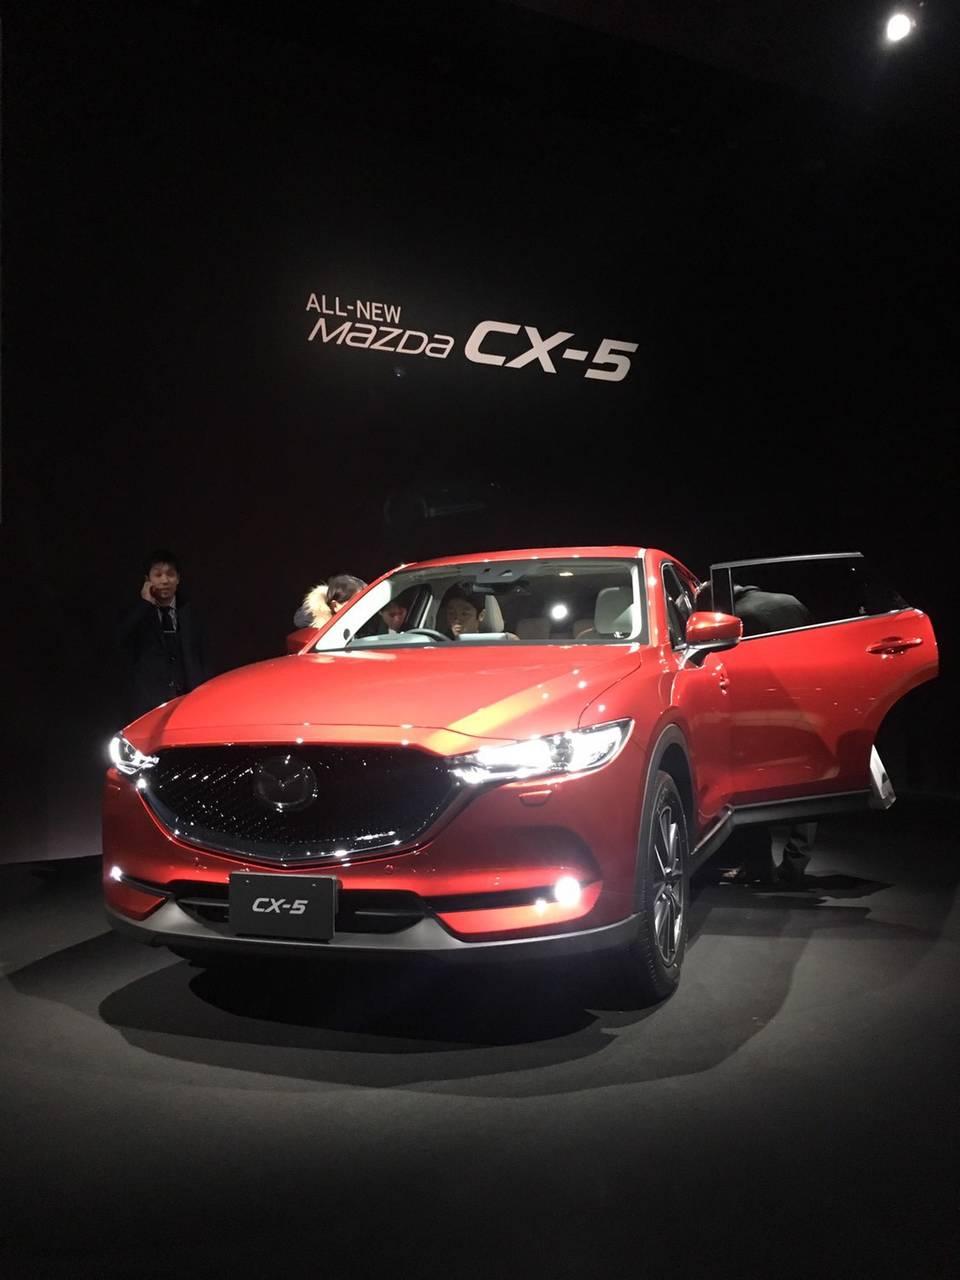 【マツダ 新型CX-5】発表後の感想まとめ